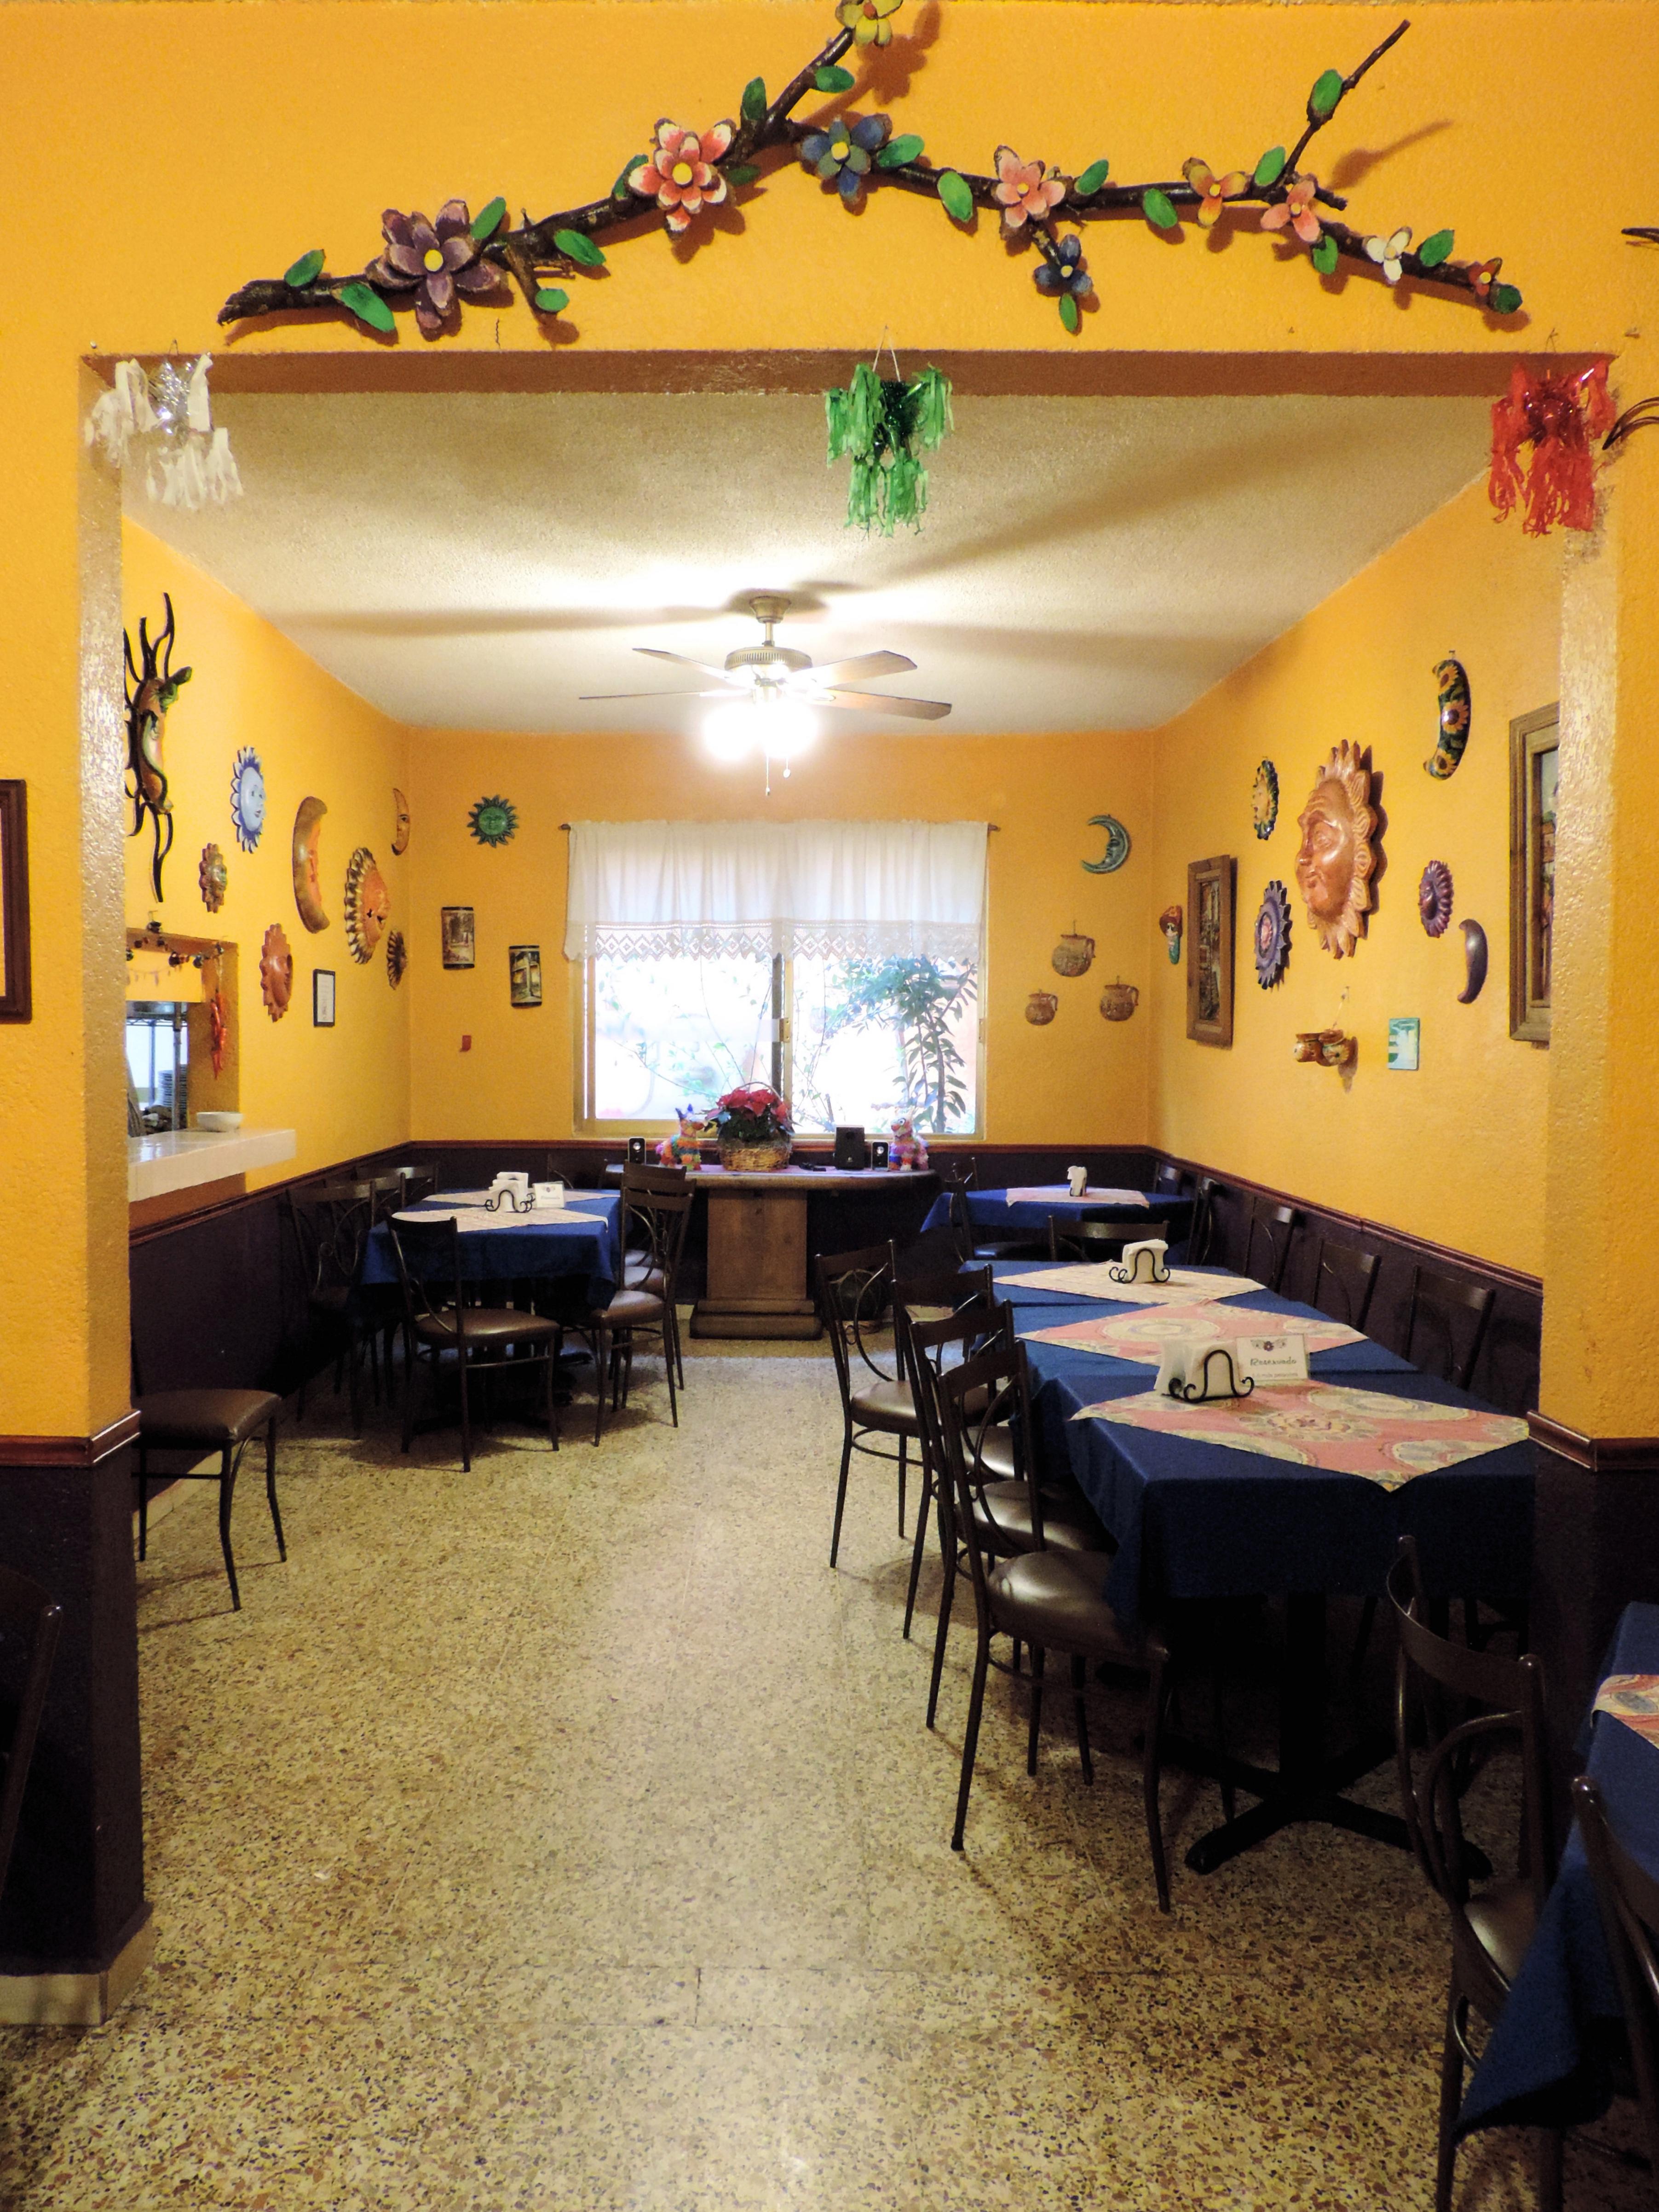 https://0201.nccdn.net/1_2/000/000/0dd/8be/restaurante3.5.jpg